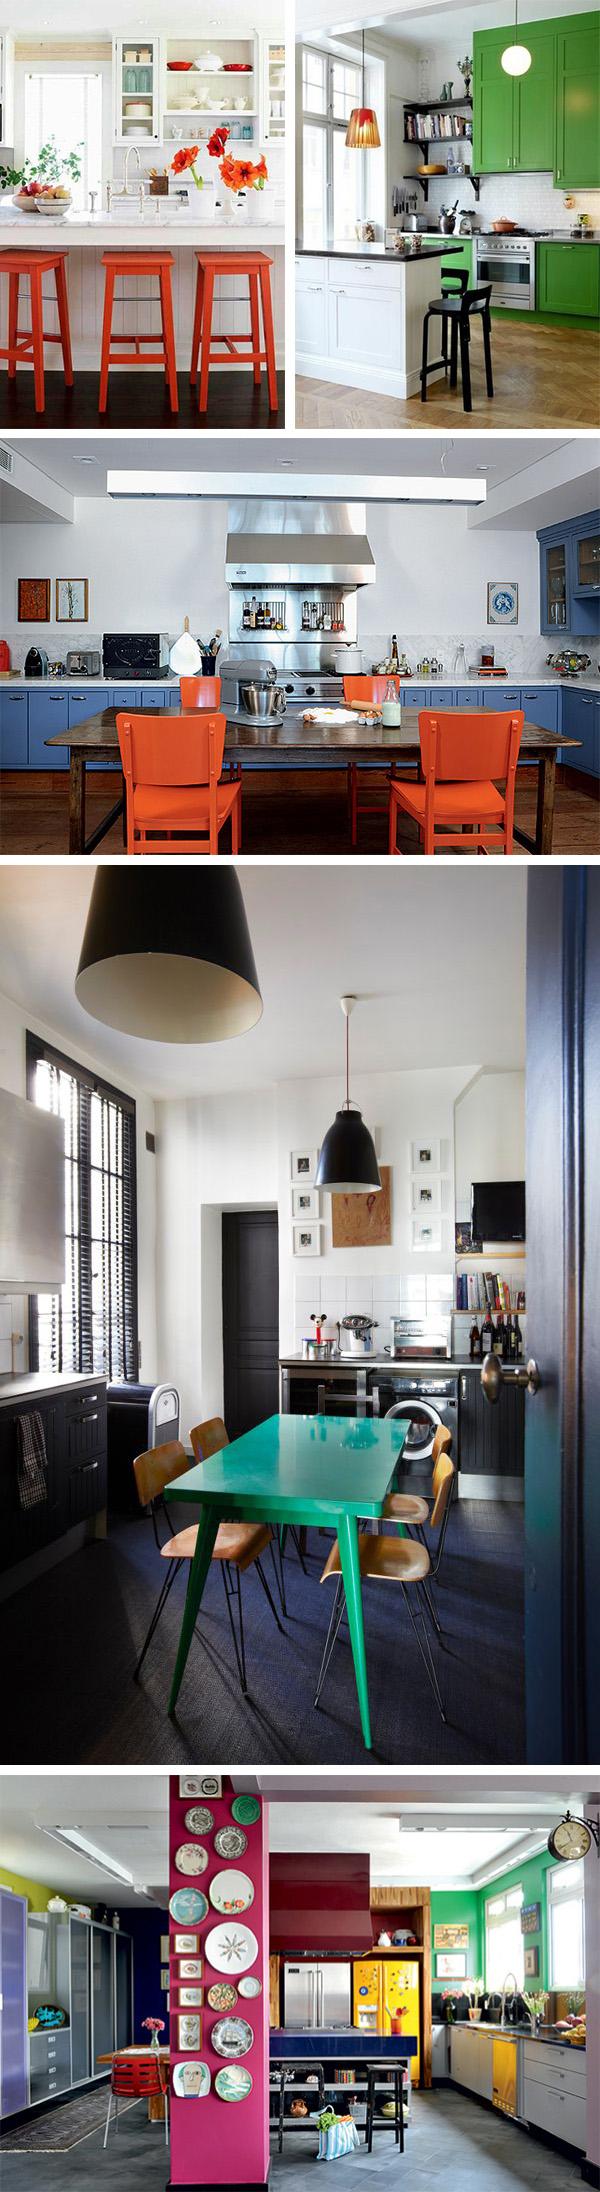 Ideias econômicas para decorar cozinha 3